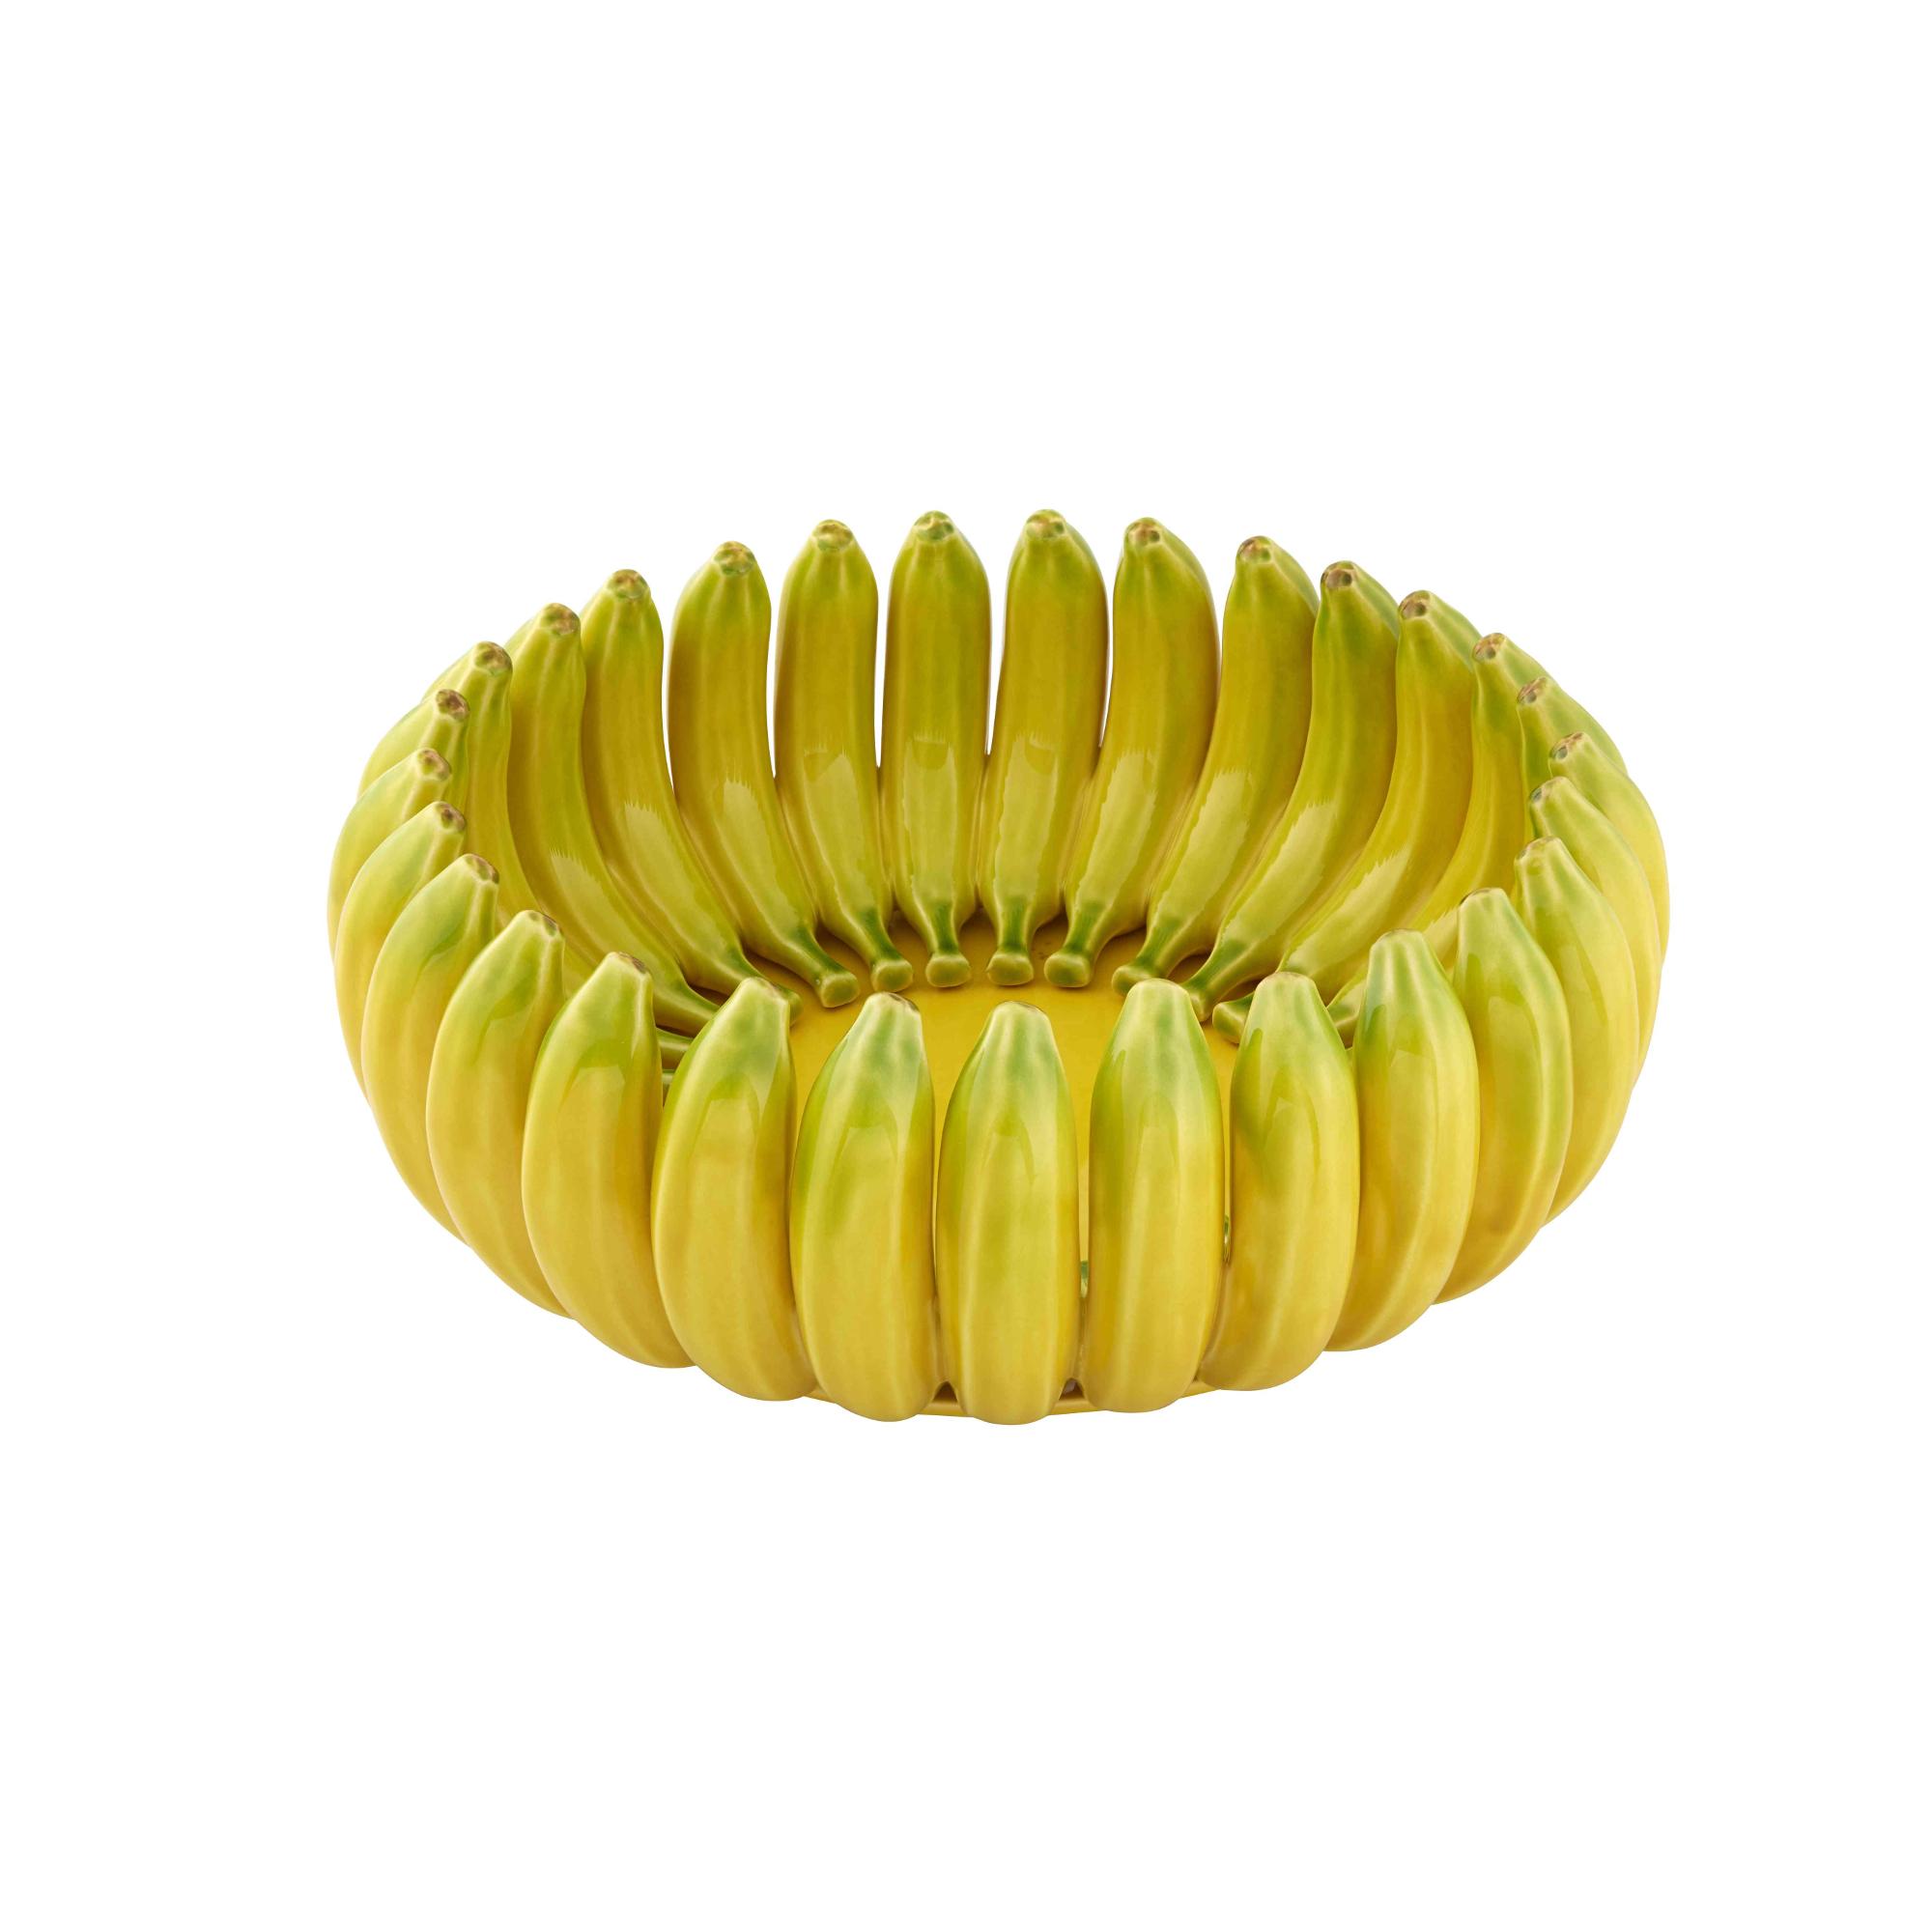 Bordallo Pinheiro Banana Decorated Centerpiece